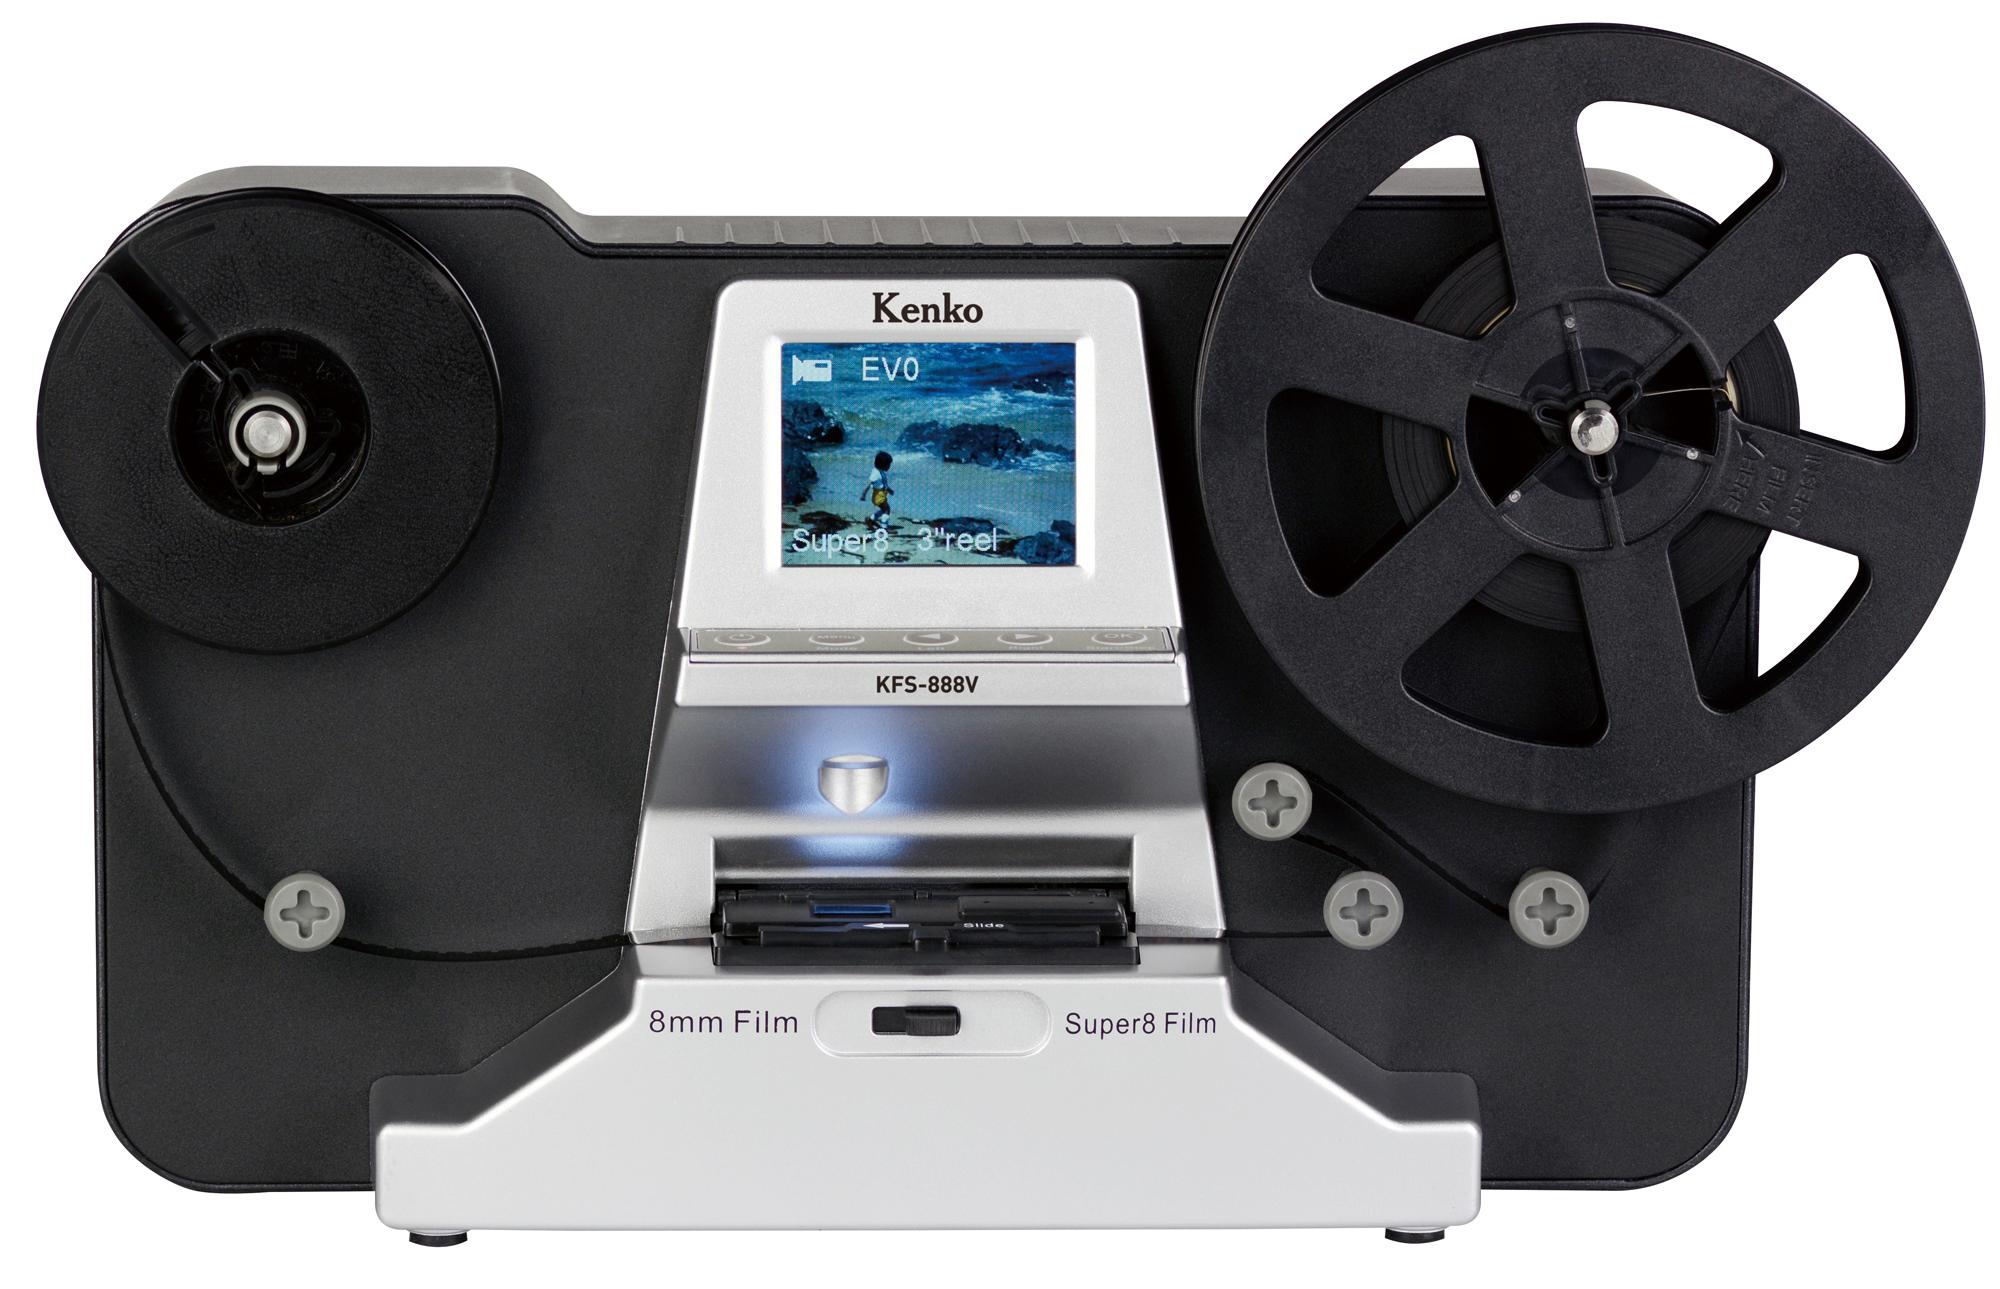 8mmフィルムコンバーター kfs 888v ケンコー トキナー